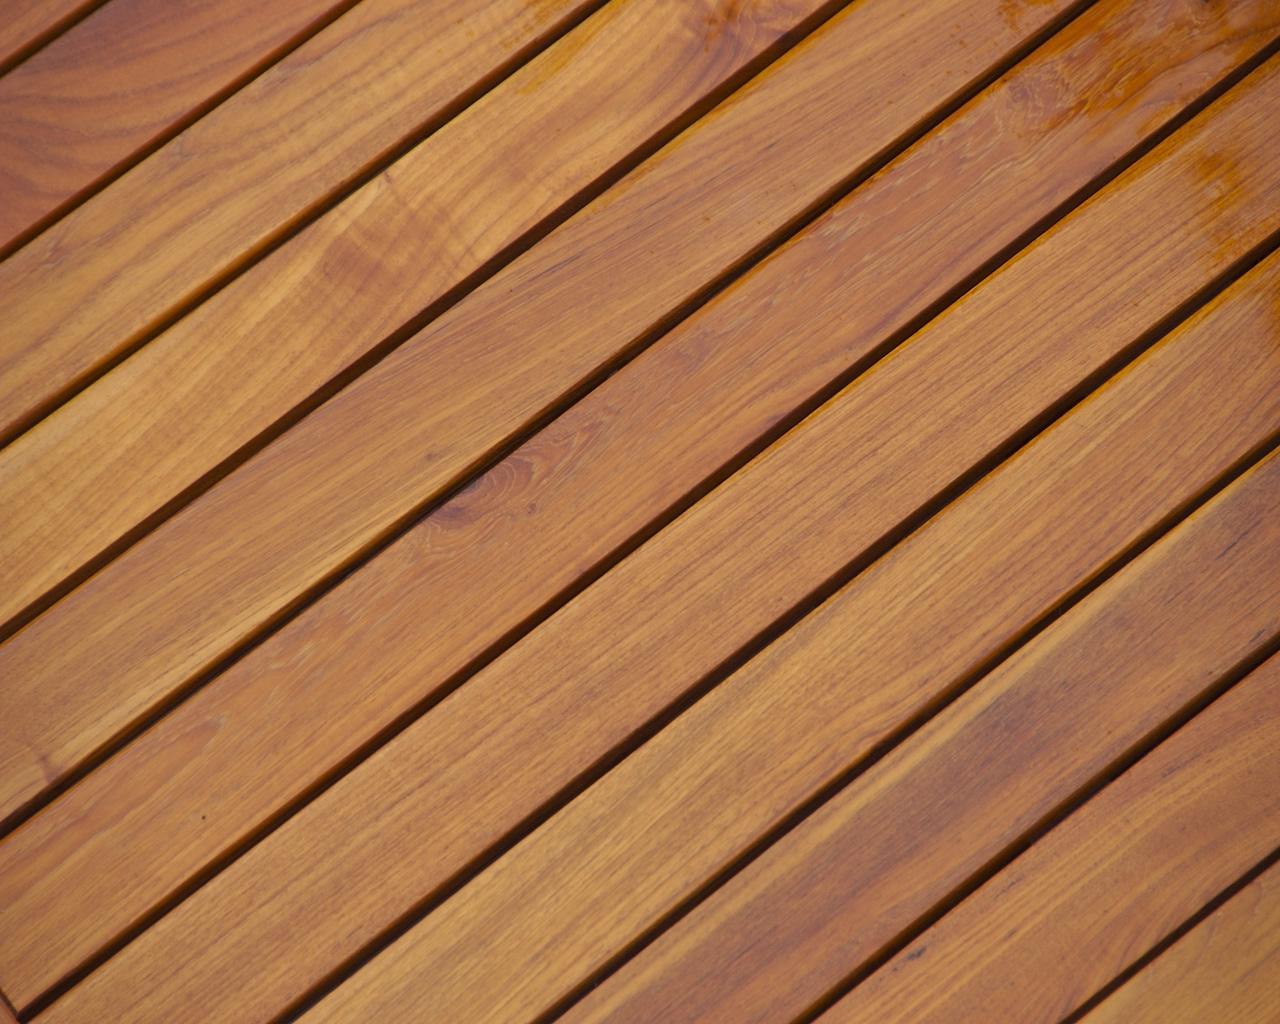 Wallpaper A Table Wallpapersafari